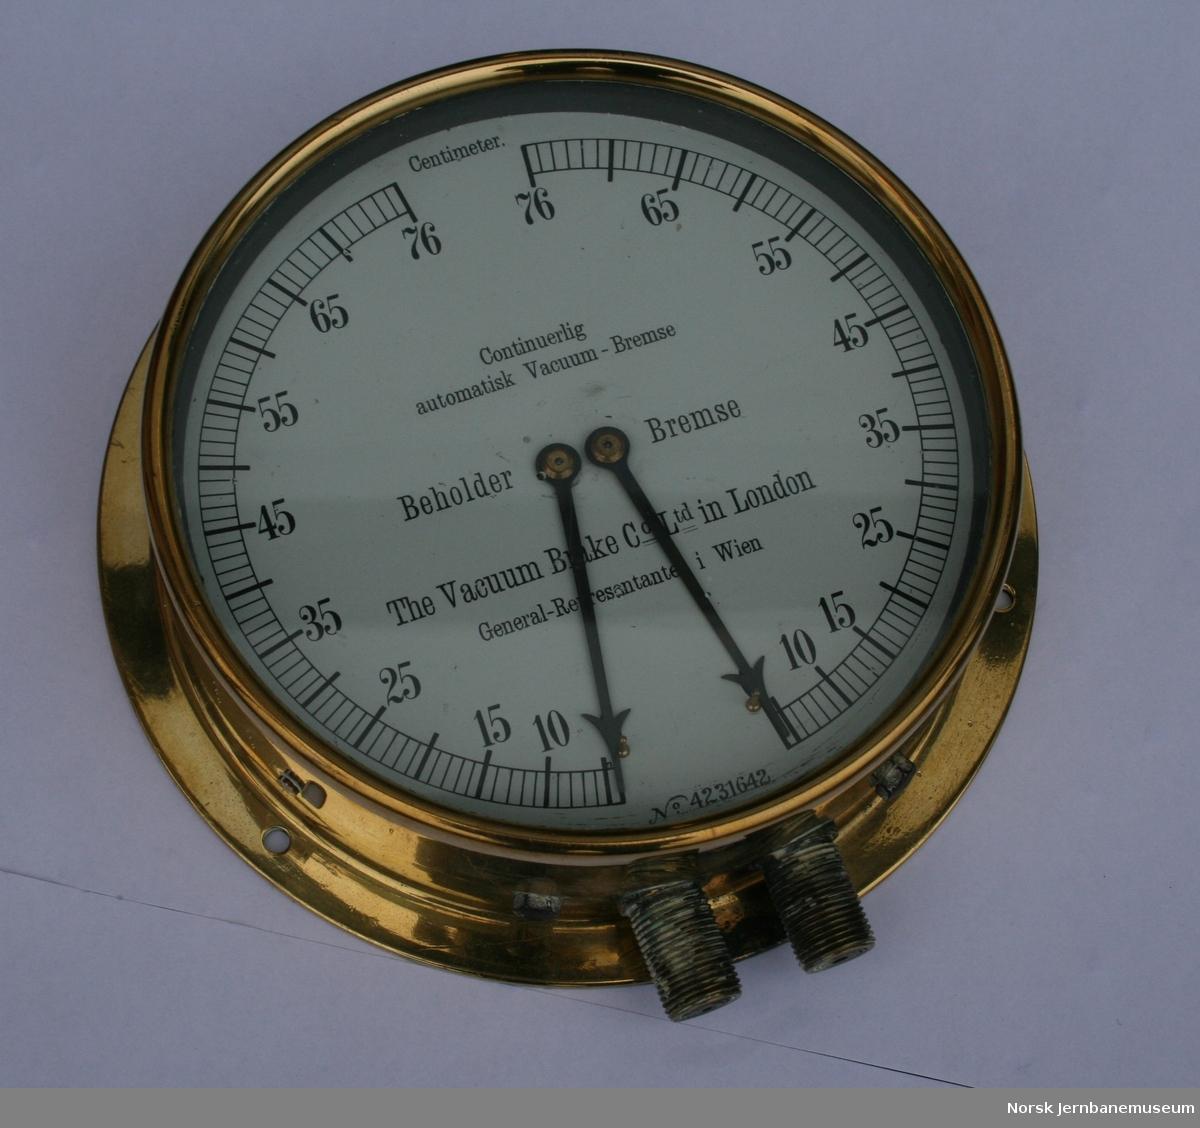 Dobbelt manometer/ vakuummeter (2 visere, en for vakuumbeholder og en for bremseledning). Viser vakuum målt i cm kvikksølvhøyde. 76 cm kvikksølvhøyde tilsvarer 1 atmosfære.